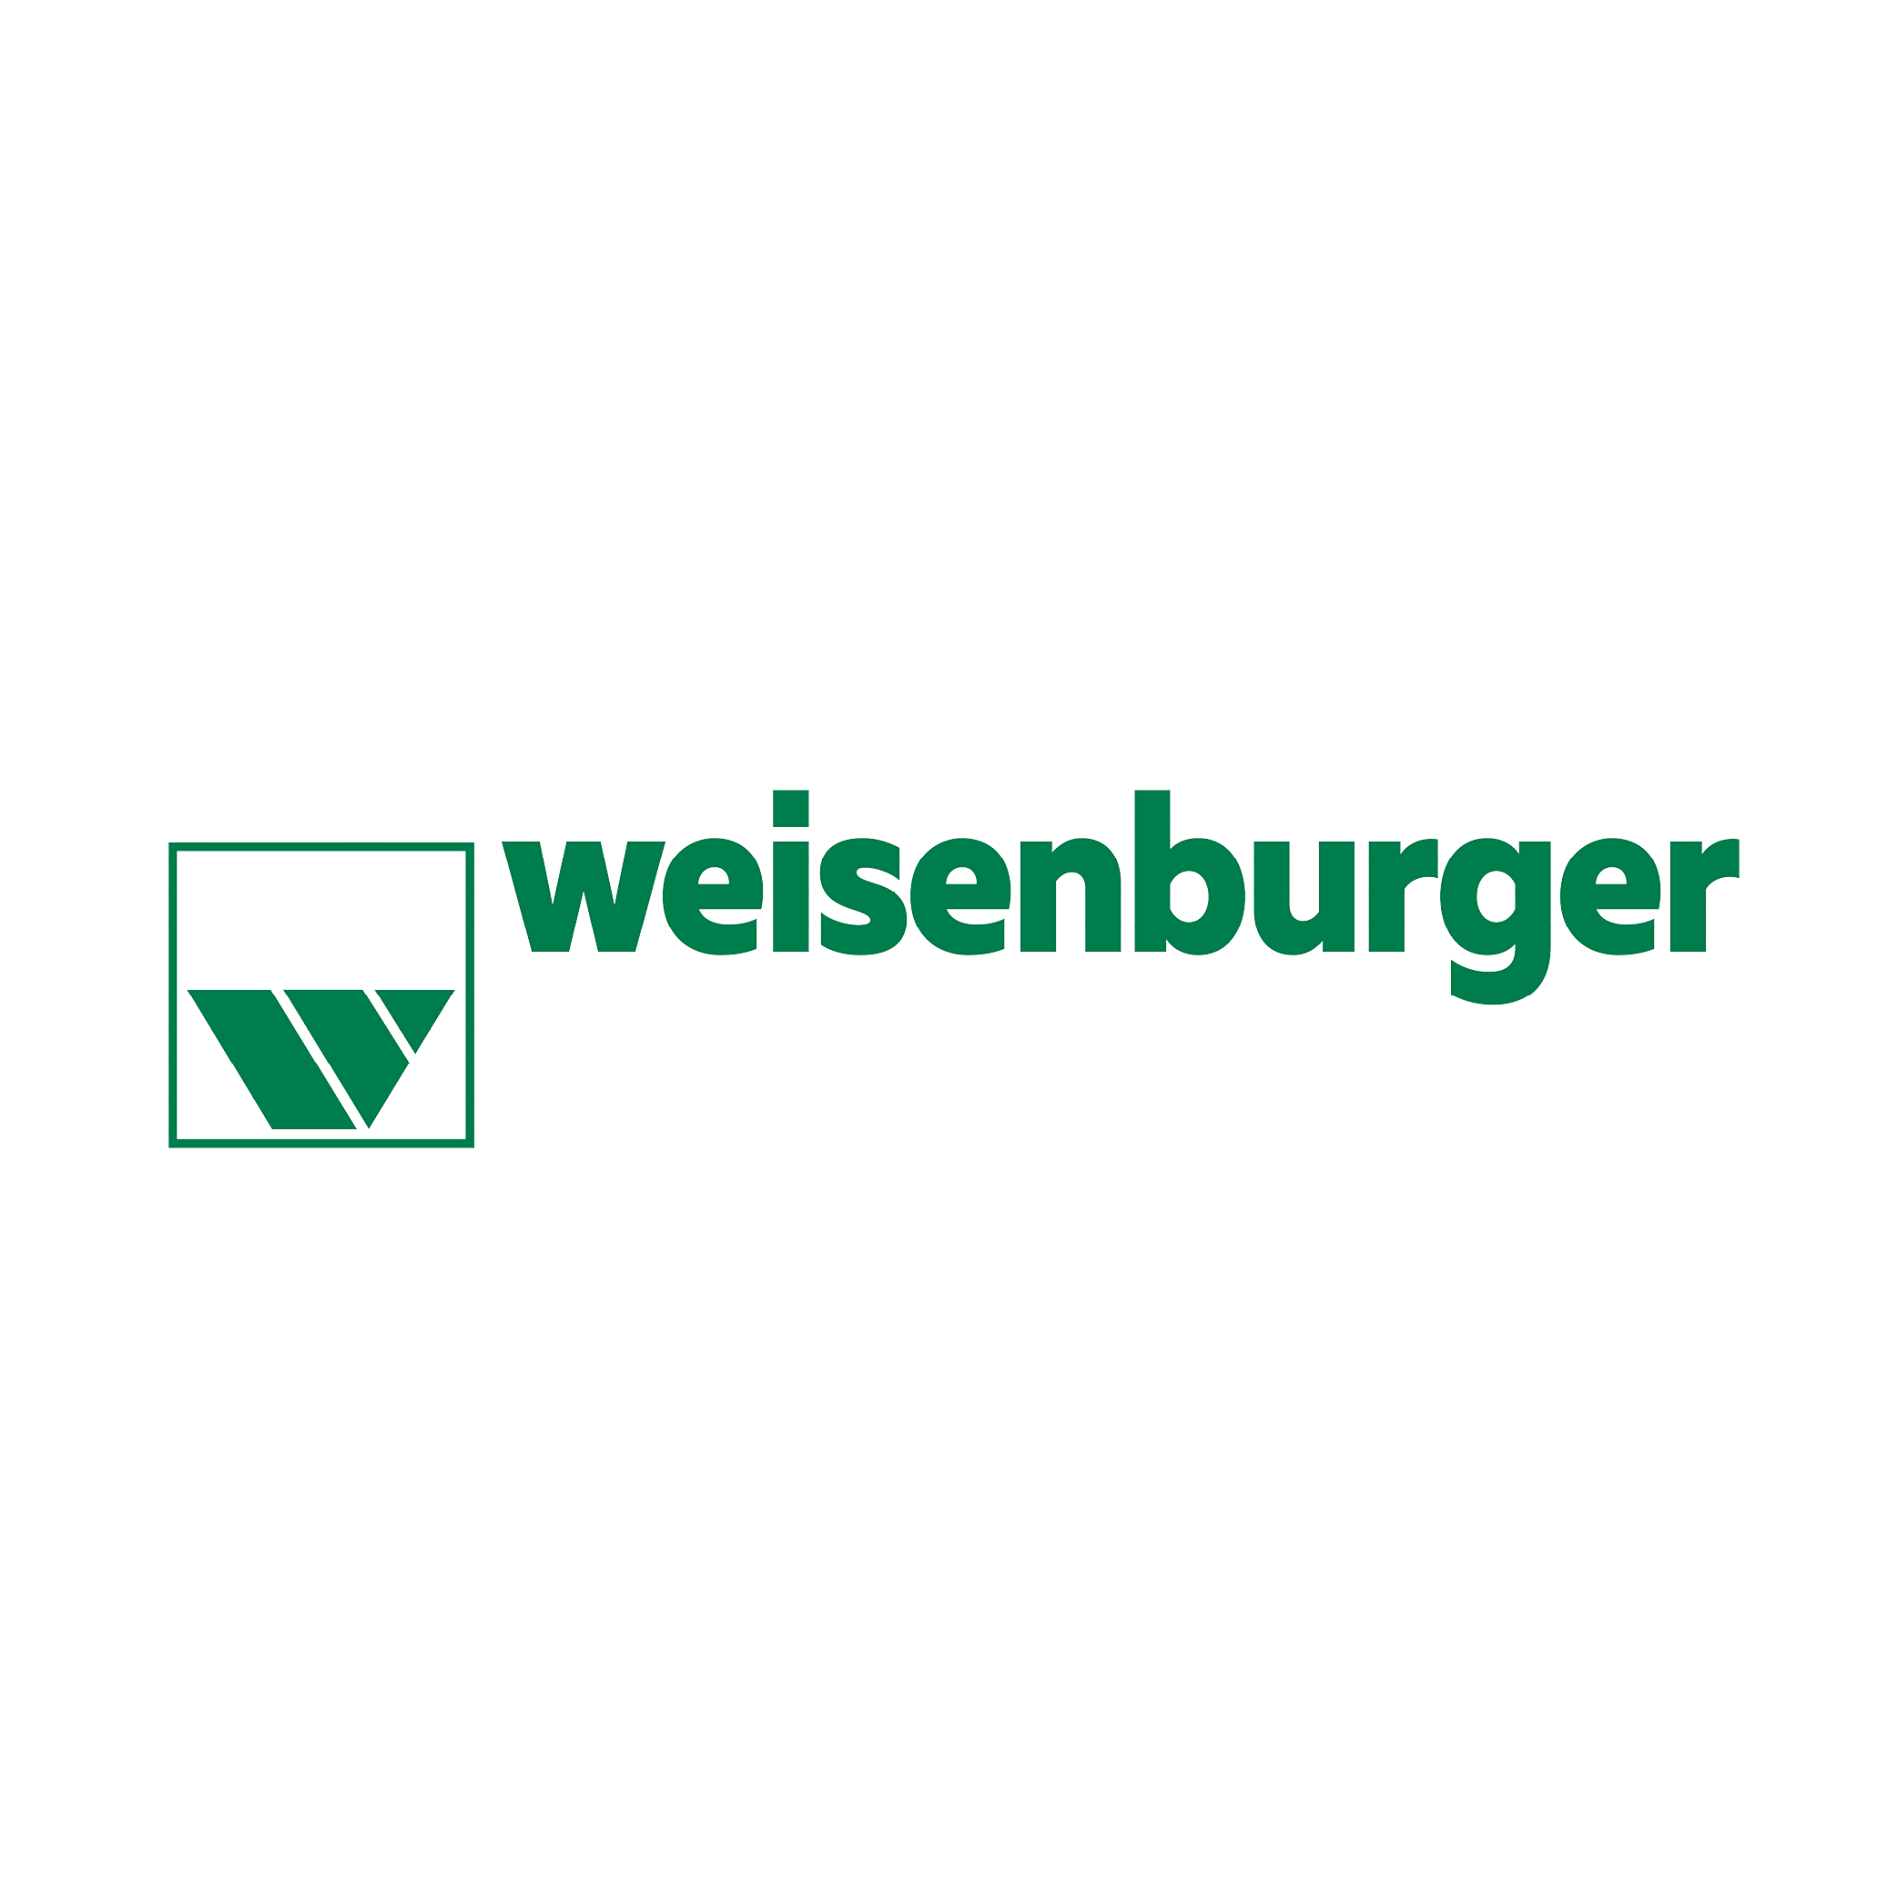 Weisenburger